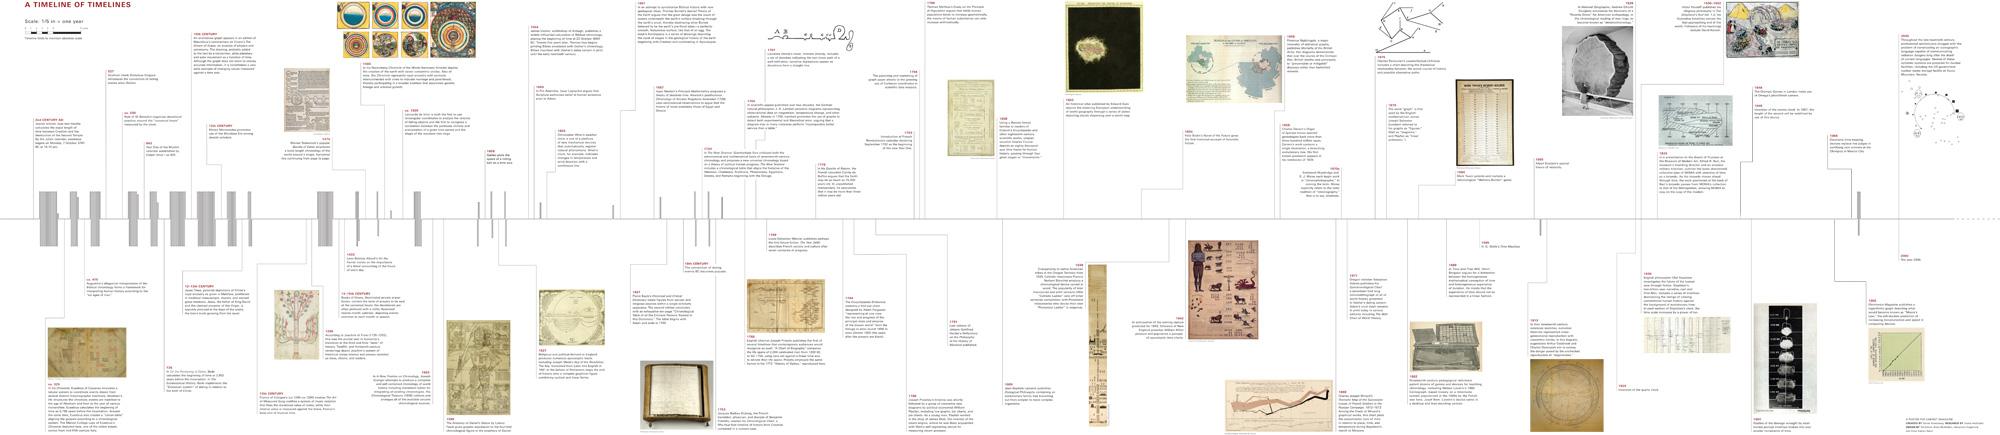 CABINET // A Timeline of Timelines